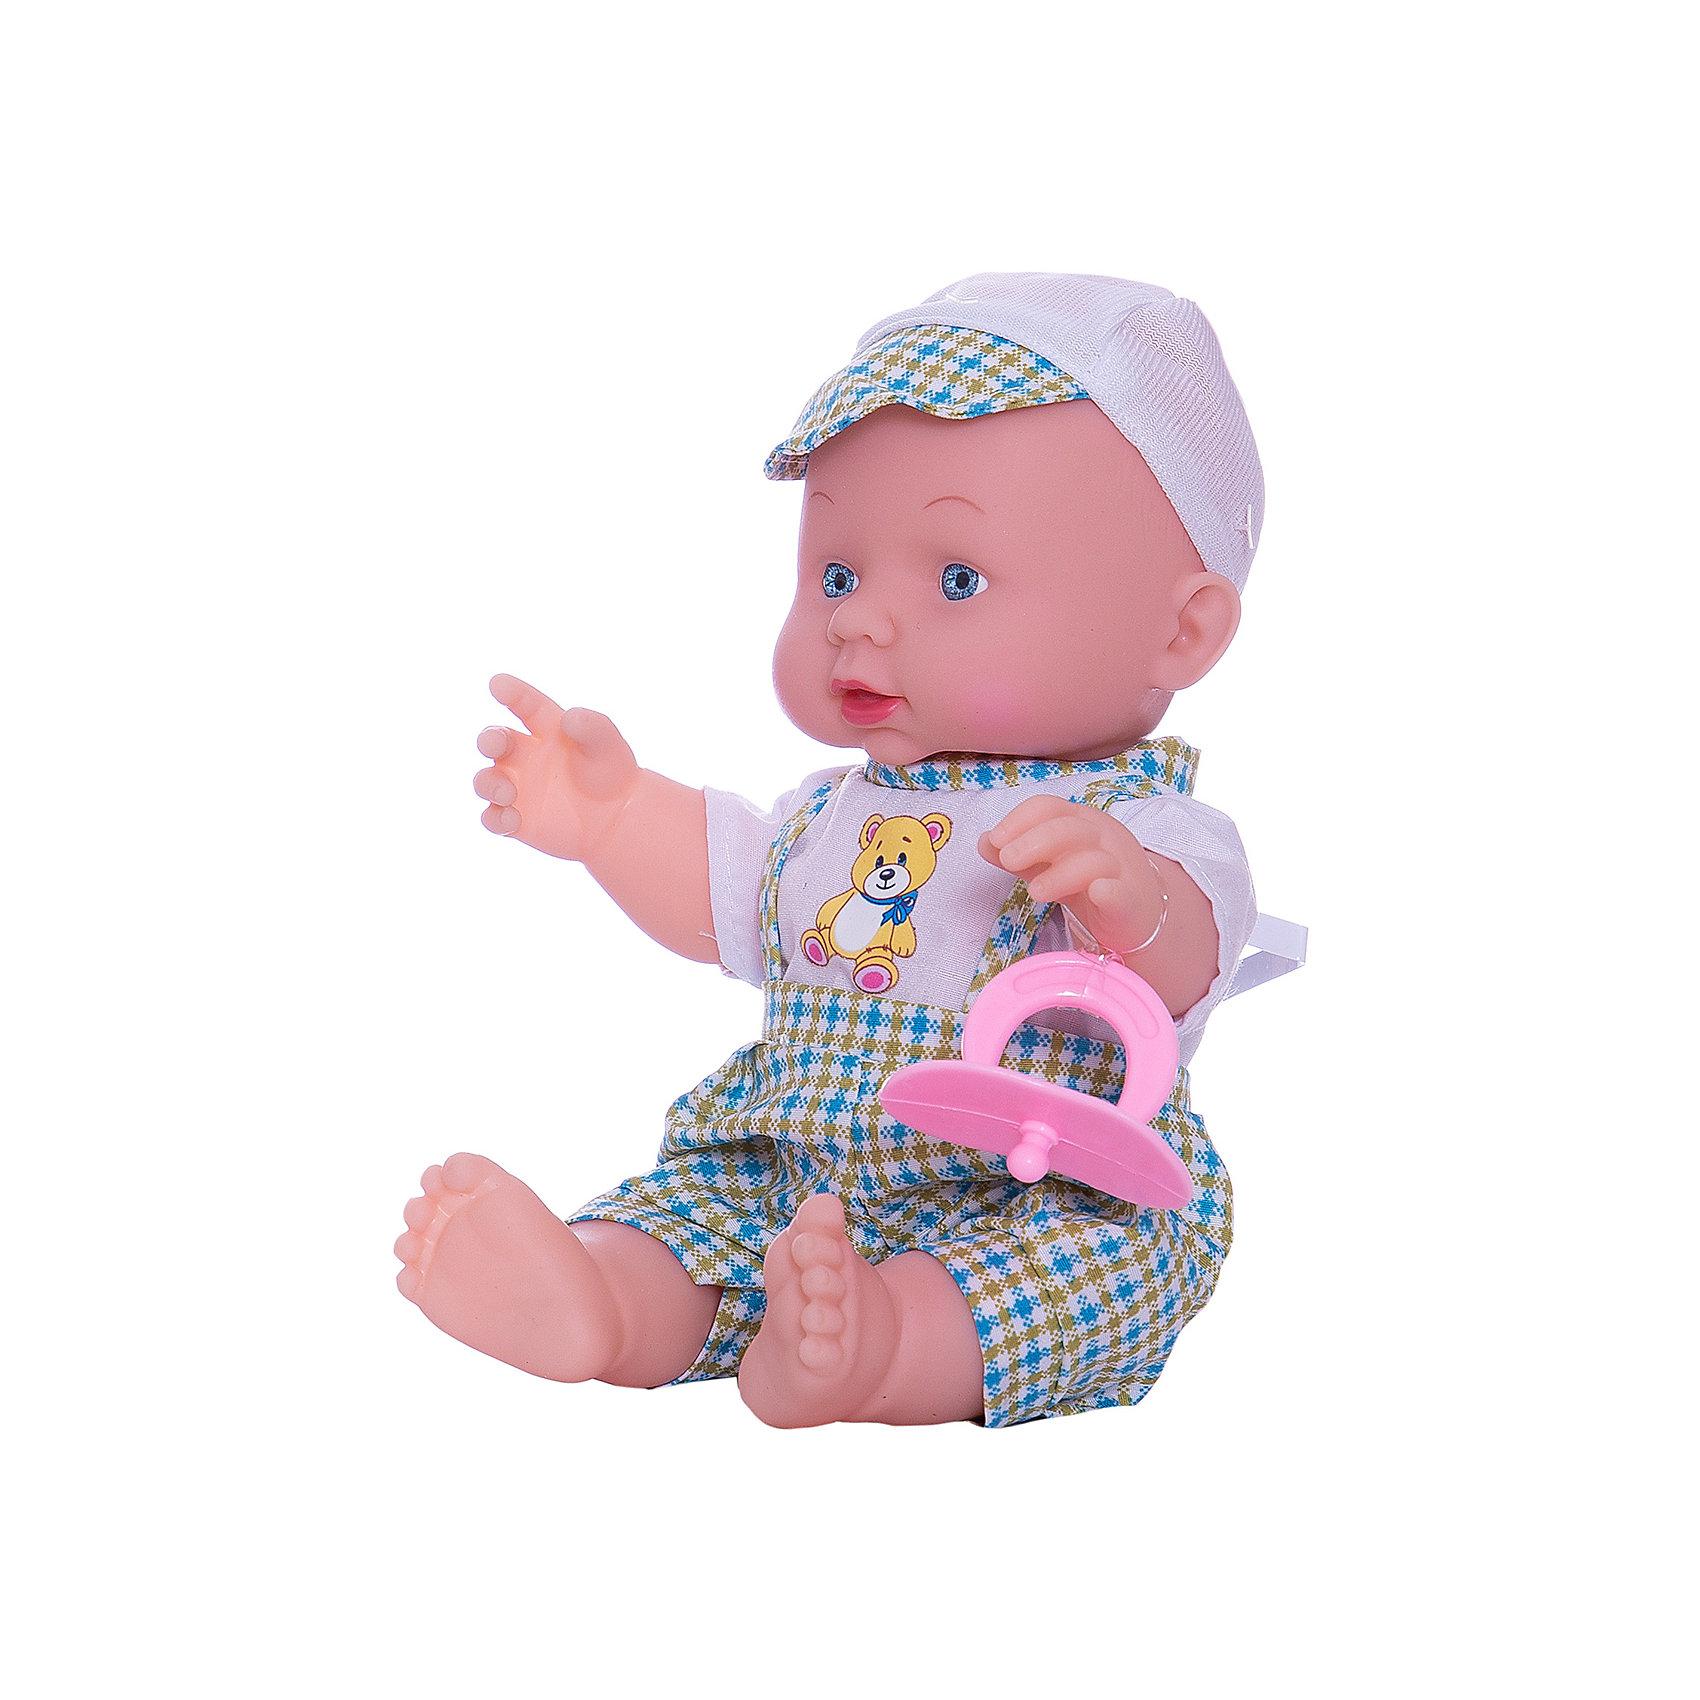 Пупс Карапуз , КарапузКуклы-пупсы<br>Этот маленький малыш понравится любой девочке! Нажмите на кнопку на животе пупса и он расскажет стихи Мишка, Зайка, Бычоки споет песенку ЛошадкаАгнии Барто. У него подвижные ручки и ножки, твердое тело. Высота пупса 25 см. Батарейки входят в комплект.<br><br>Ширина мм: 110<br>Глубина мм: 180<br>Высота мм: 210<br>Вес г: 380<br>Возраст от месяцев: 12<br>Возраст до месяцев: 60<br>Пол: Женский<br>Возраст: Детский<br>SKU: 5099098